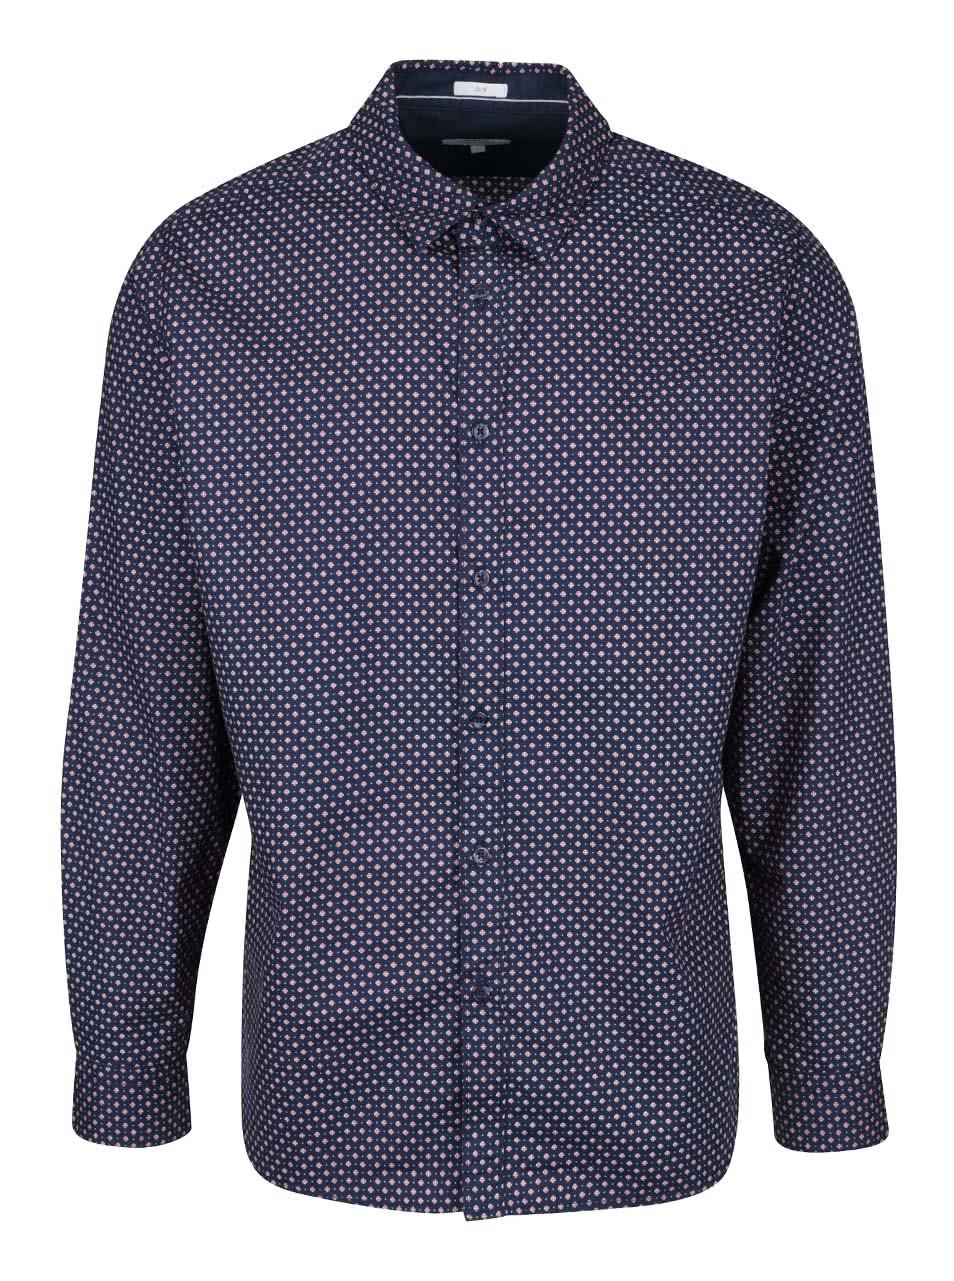 dbcd67a8777 Tmavě modrá pánská slim fit košile se vzorem Pepe Jeans Calengon ...